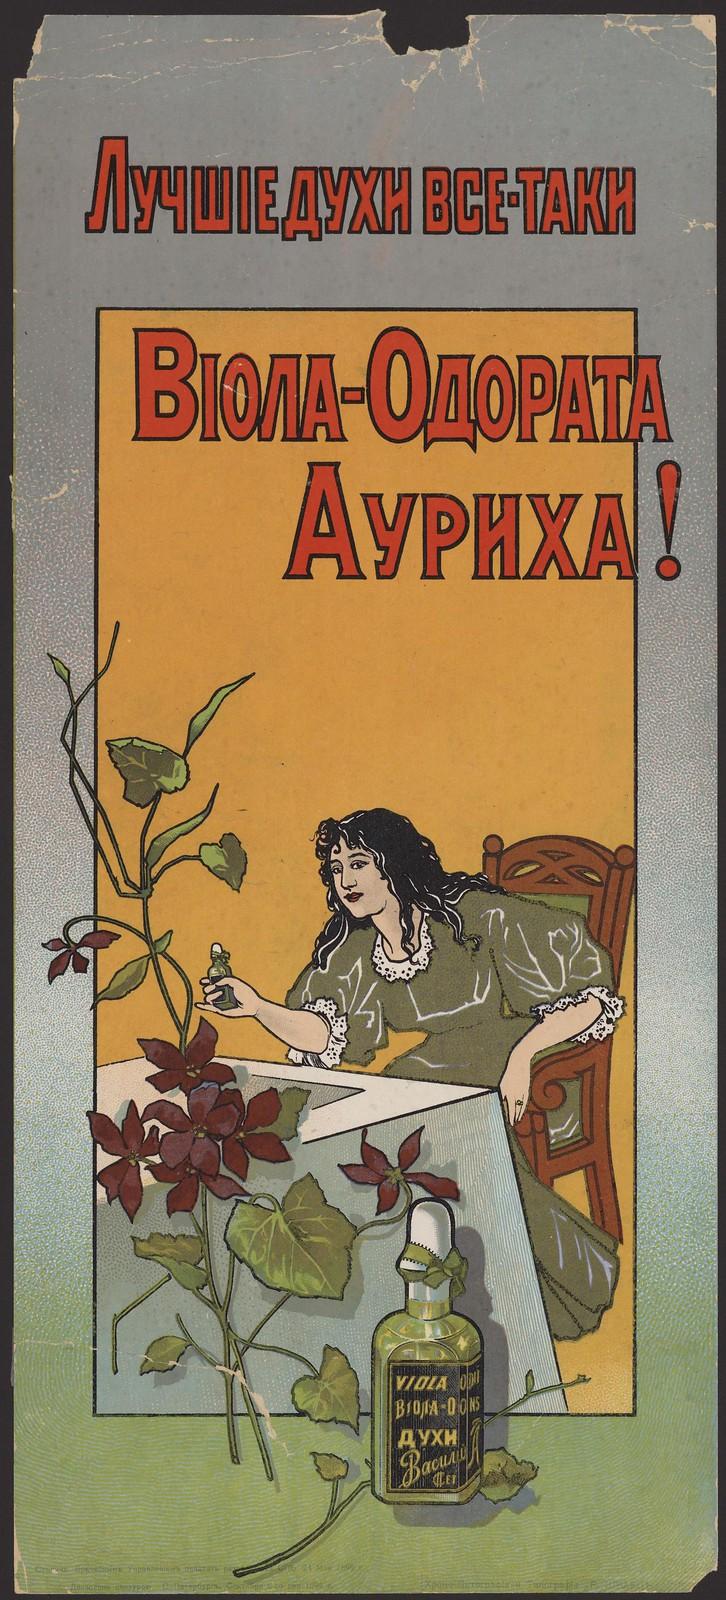 1899. Лучшие духи все-таки Виола-Одората Ауриха!